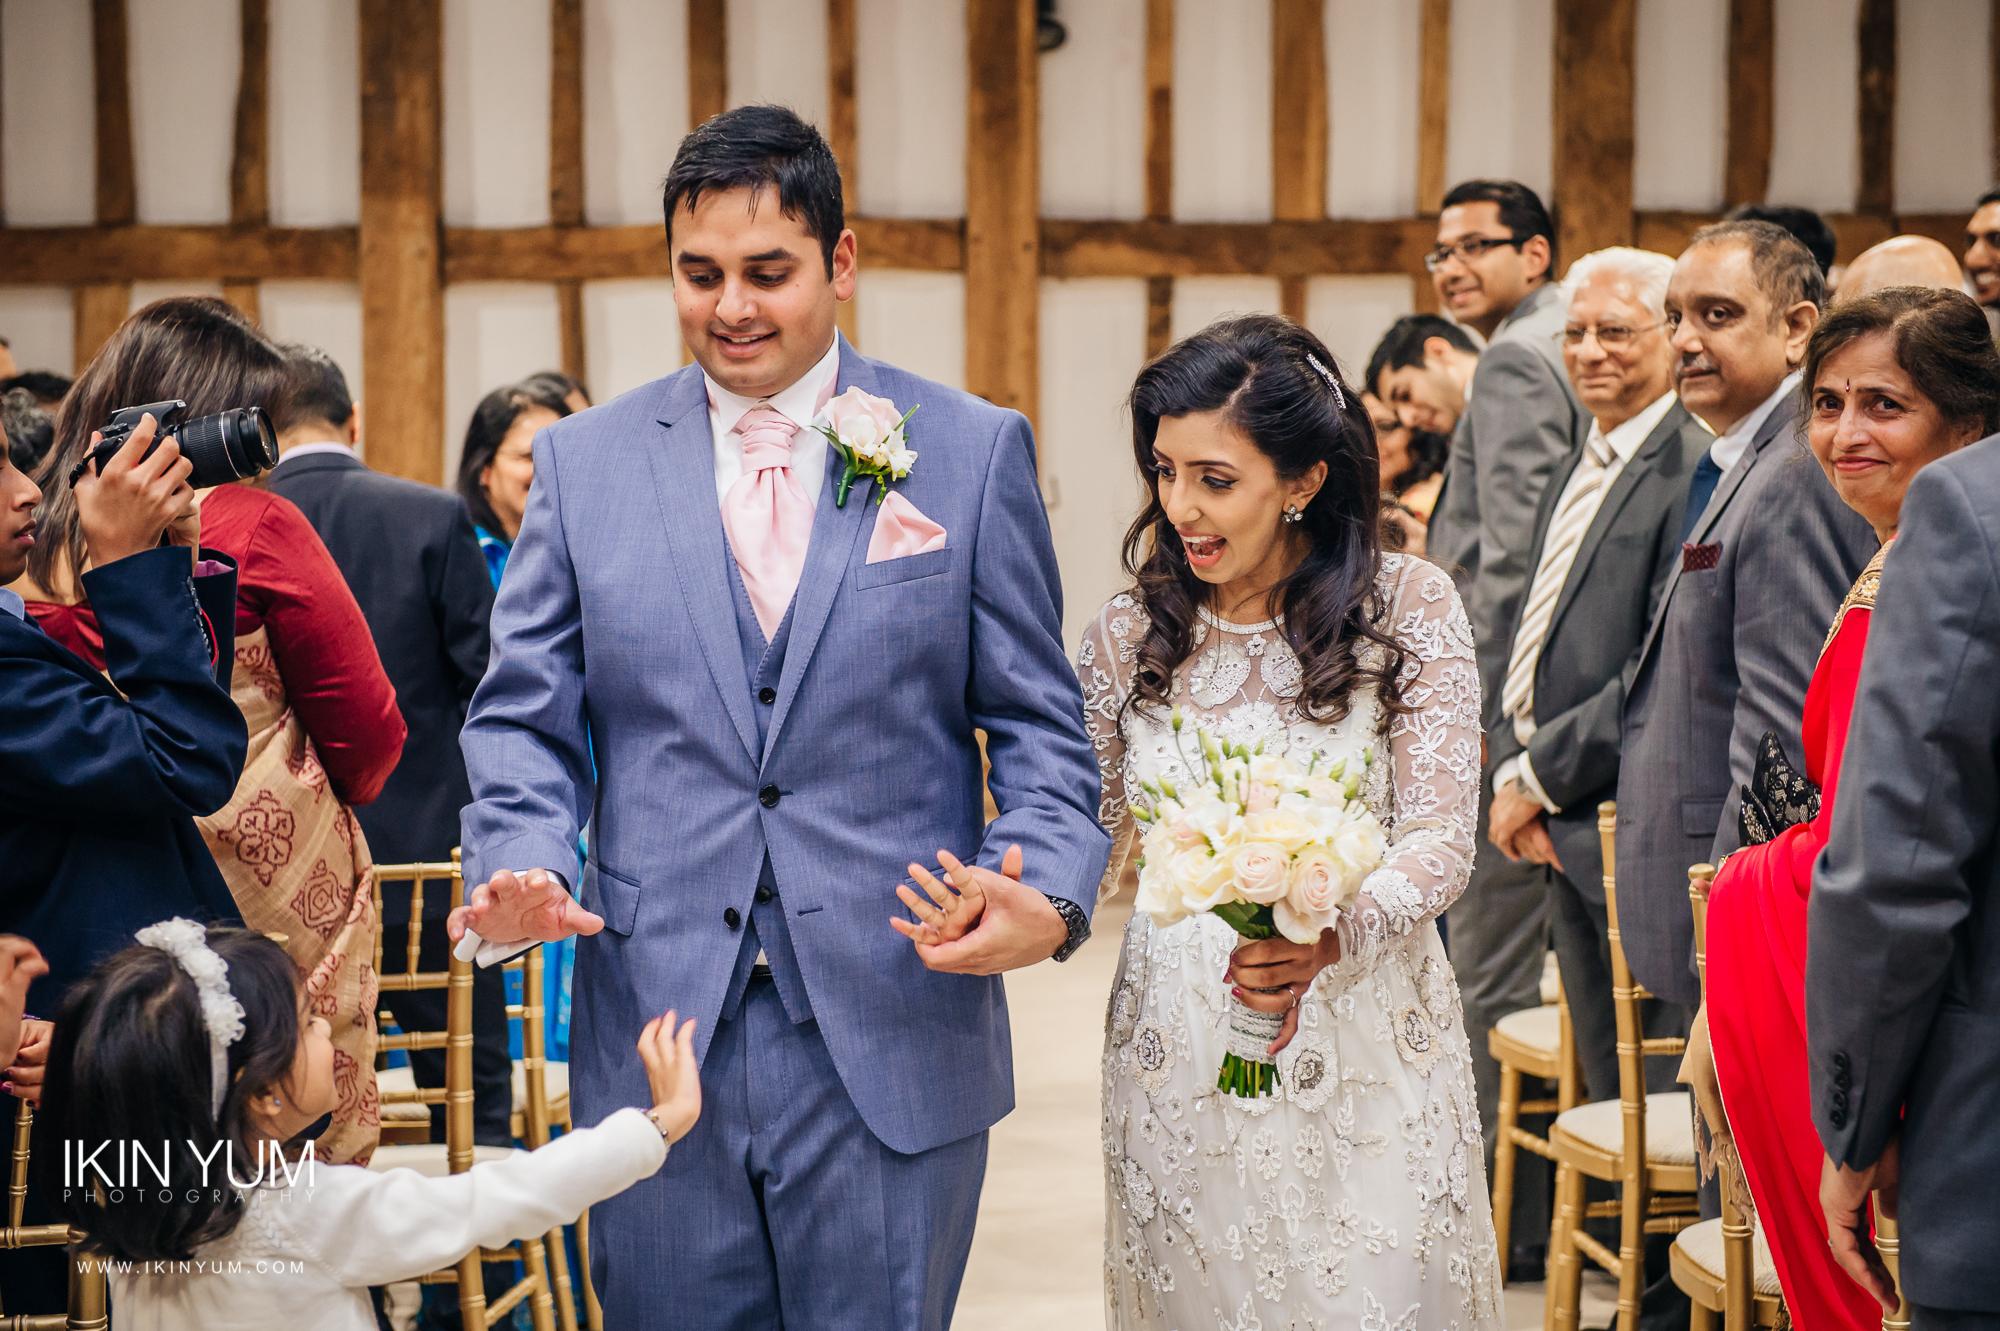 The Great Barn Wedding- Ikin Yum Photography-0053.jpg